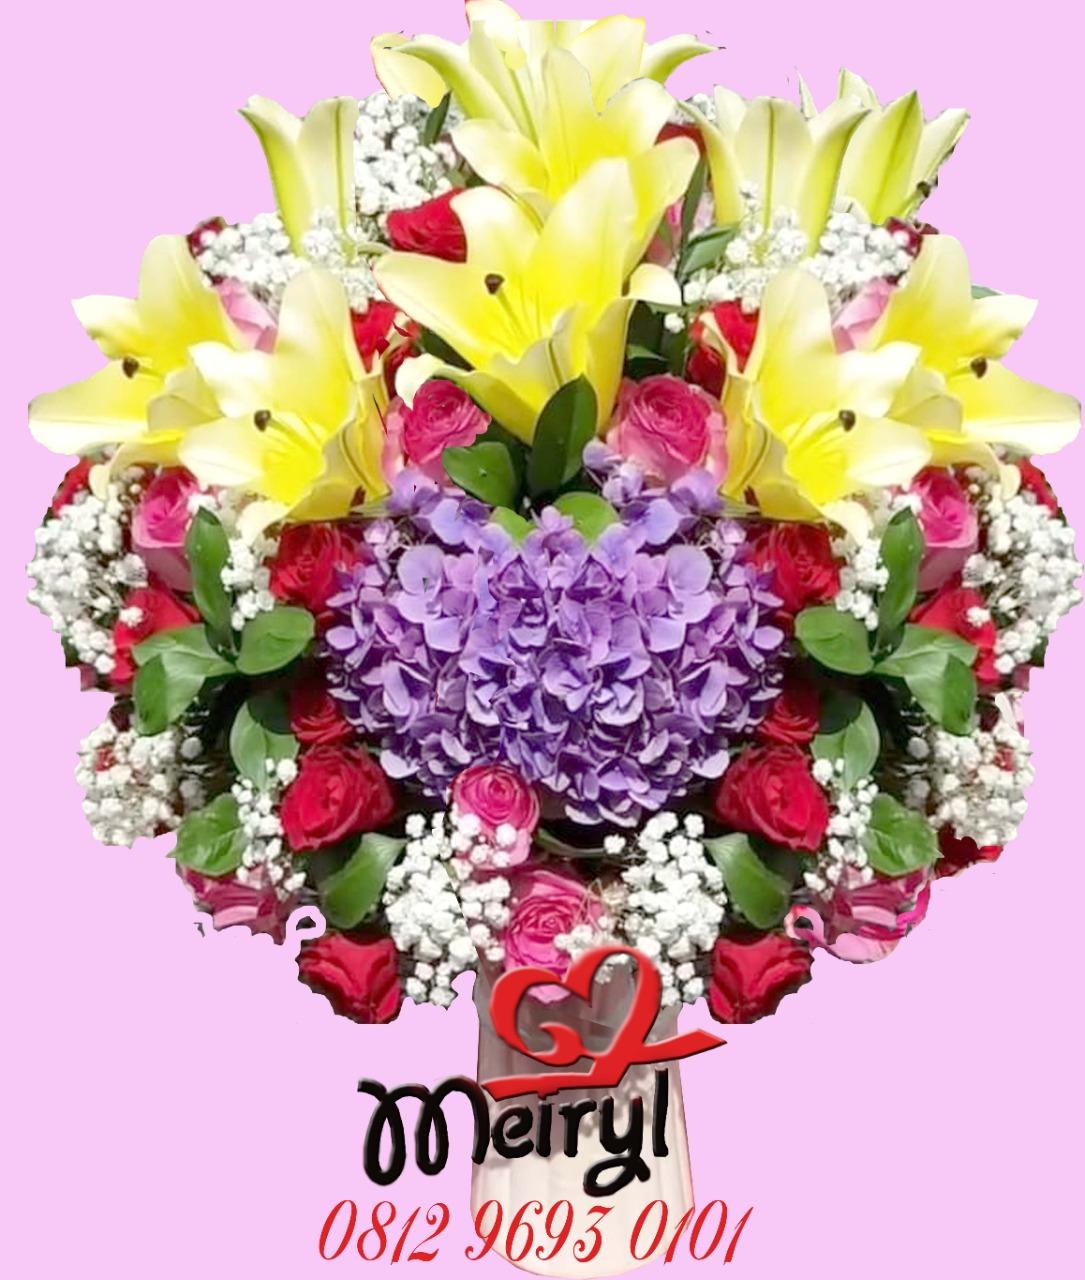 Meirylflower Com Bunga Papan Terlengkap Di Jakarta Dan Tangerang